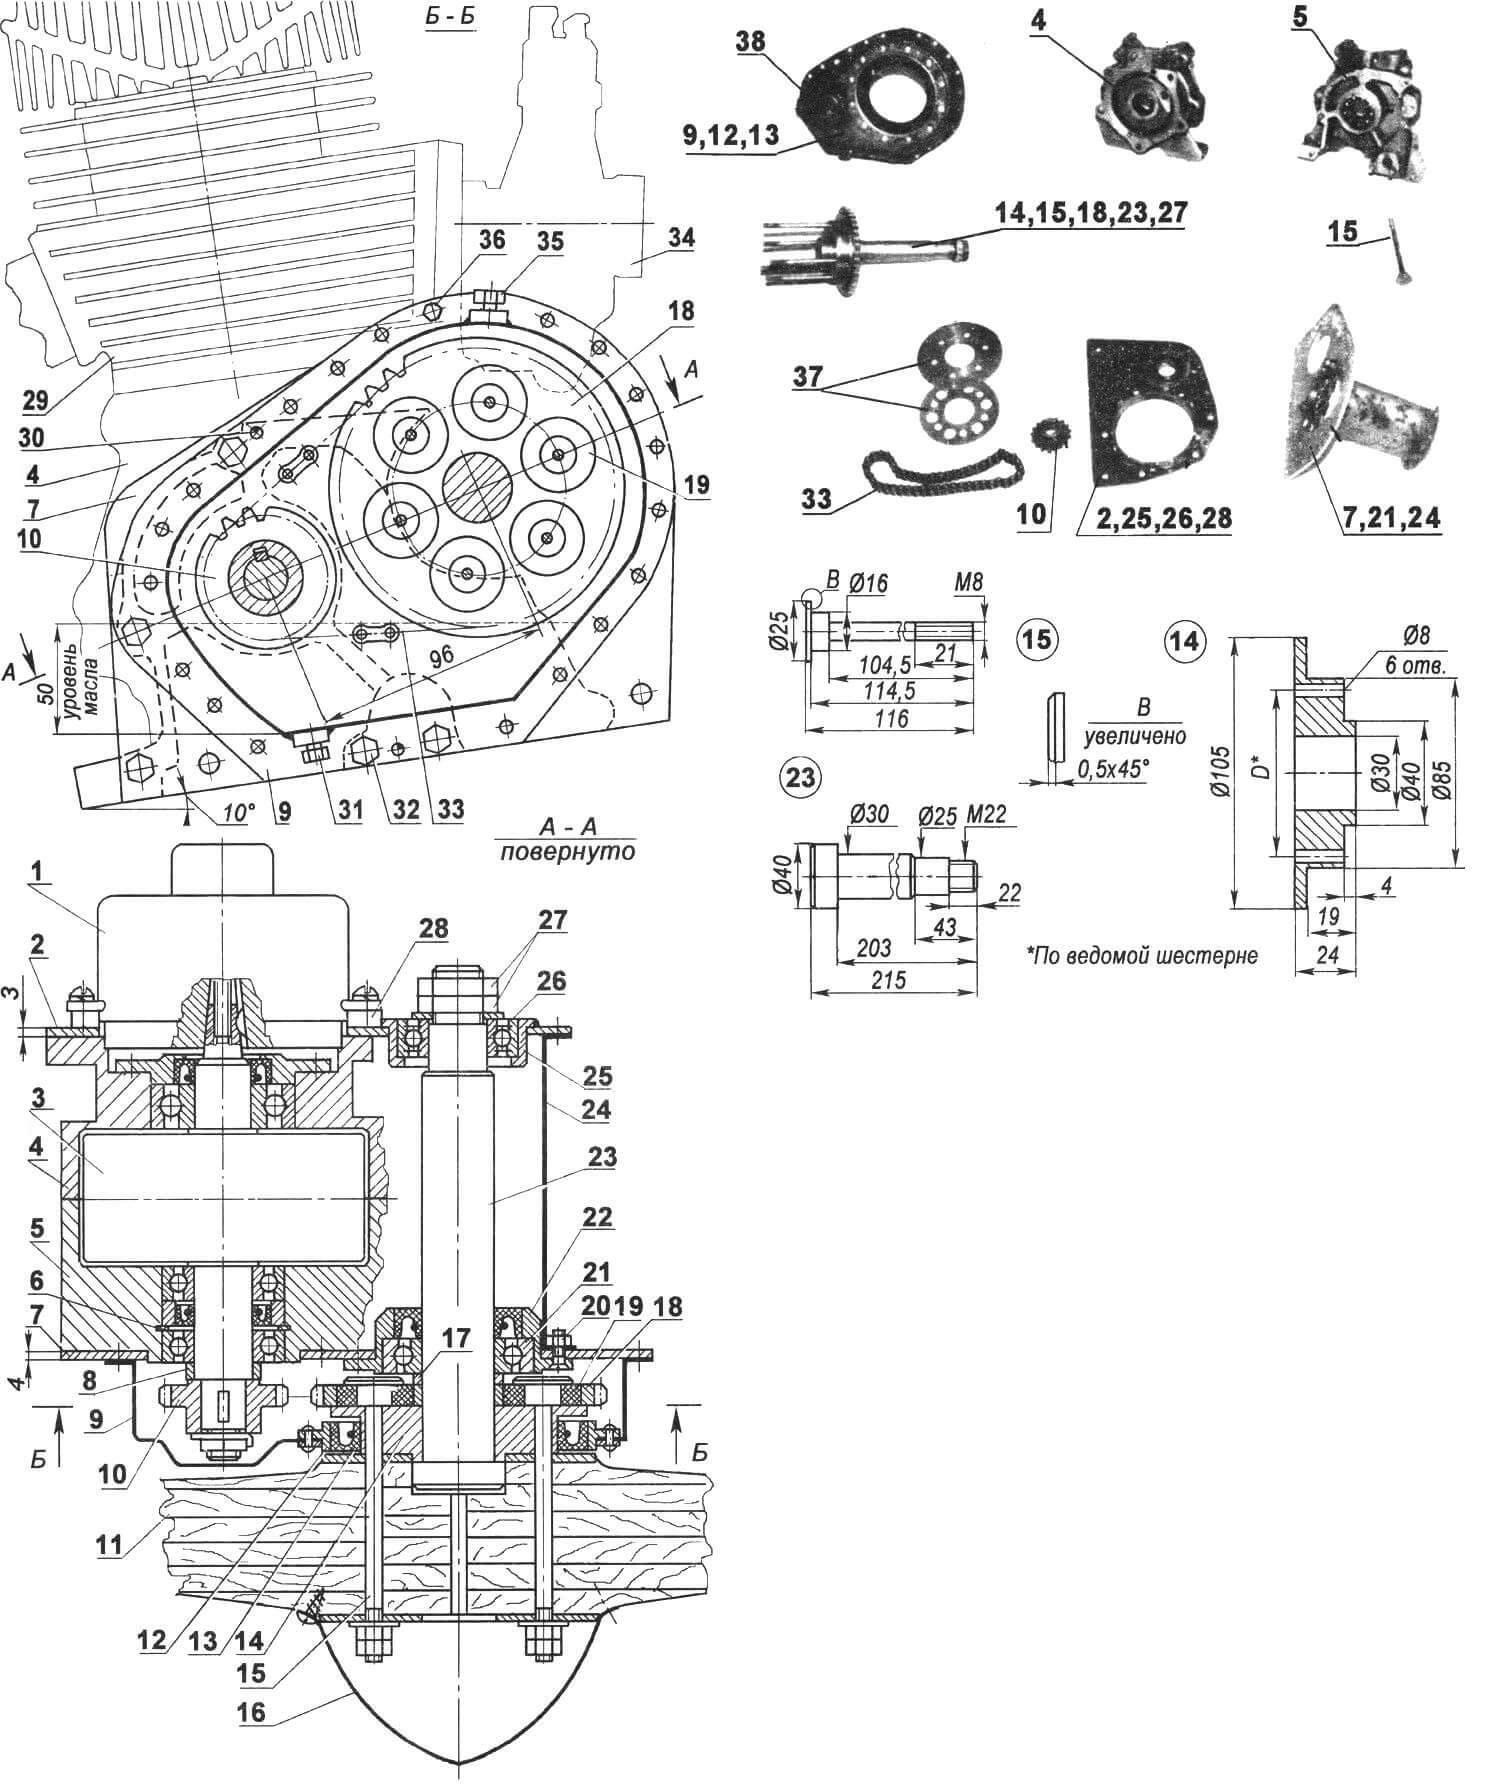 Рис. 3. Двигатель Д-15ц: